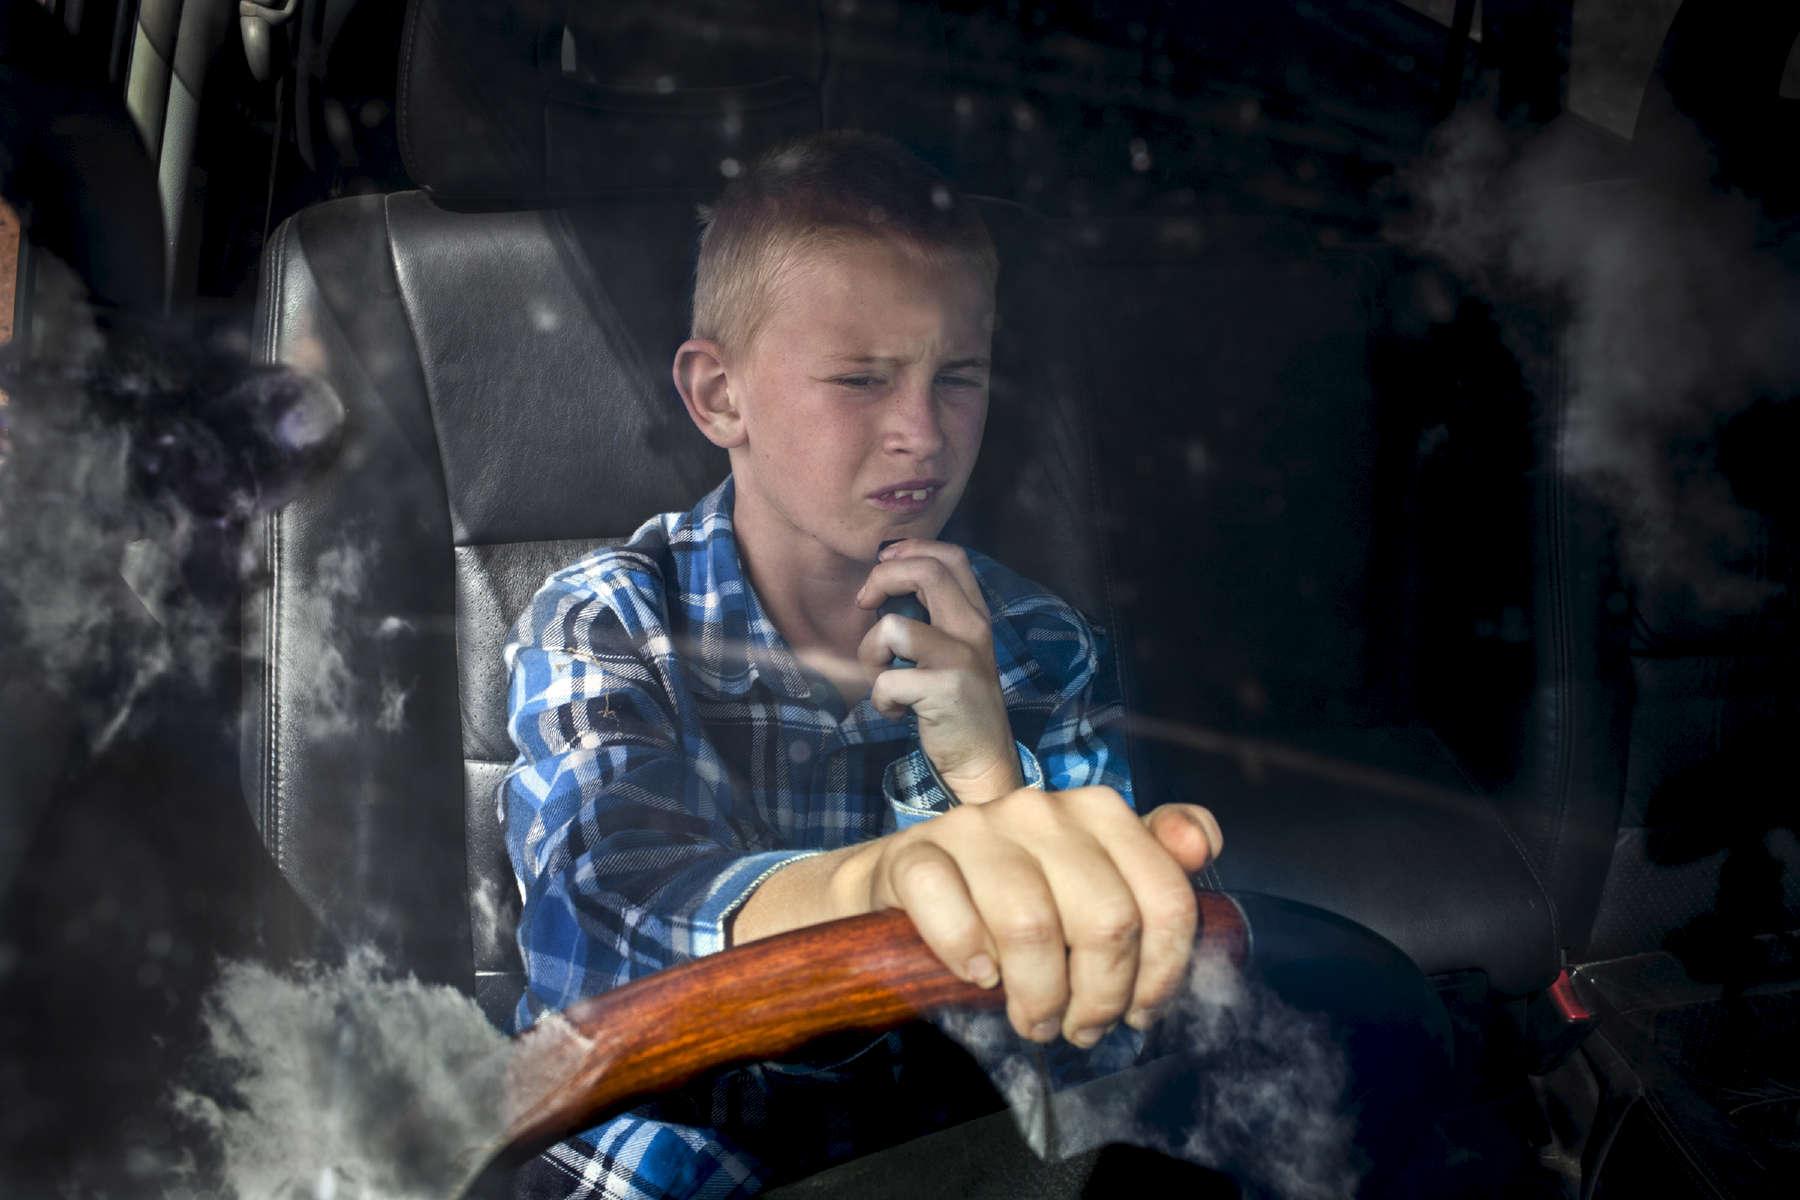 Henri, 11 ans au volant du 4x4 de ses parents, communique avec son père par radio. Il est commun dans l'Outback de voir les enfants conduire dès l'âge de 7 ans. Cela peut être utile tant pour le travail quotidien qu'en cas d'urgence. Ferme de Cawnalmurtee, Nouvelles Galle du Sud, Australie, 2011.